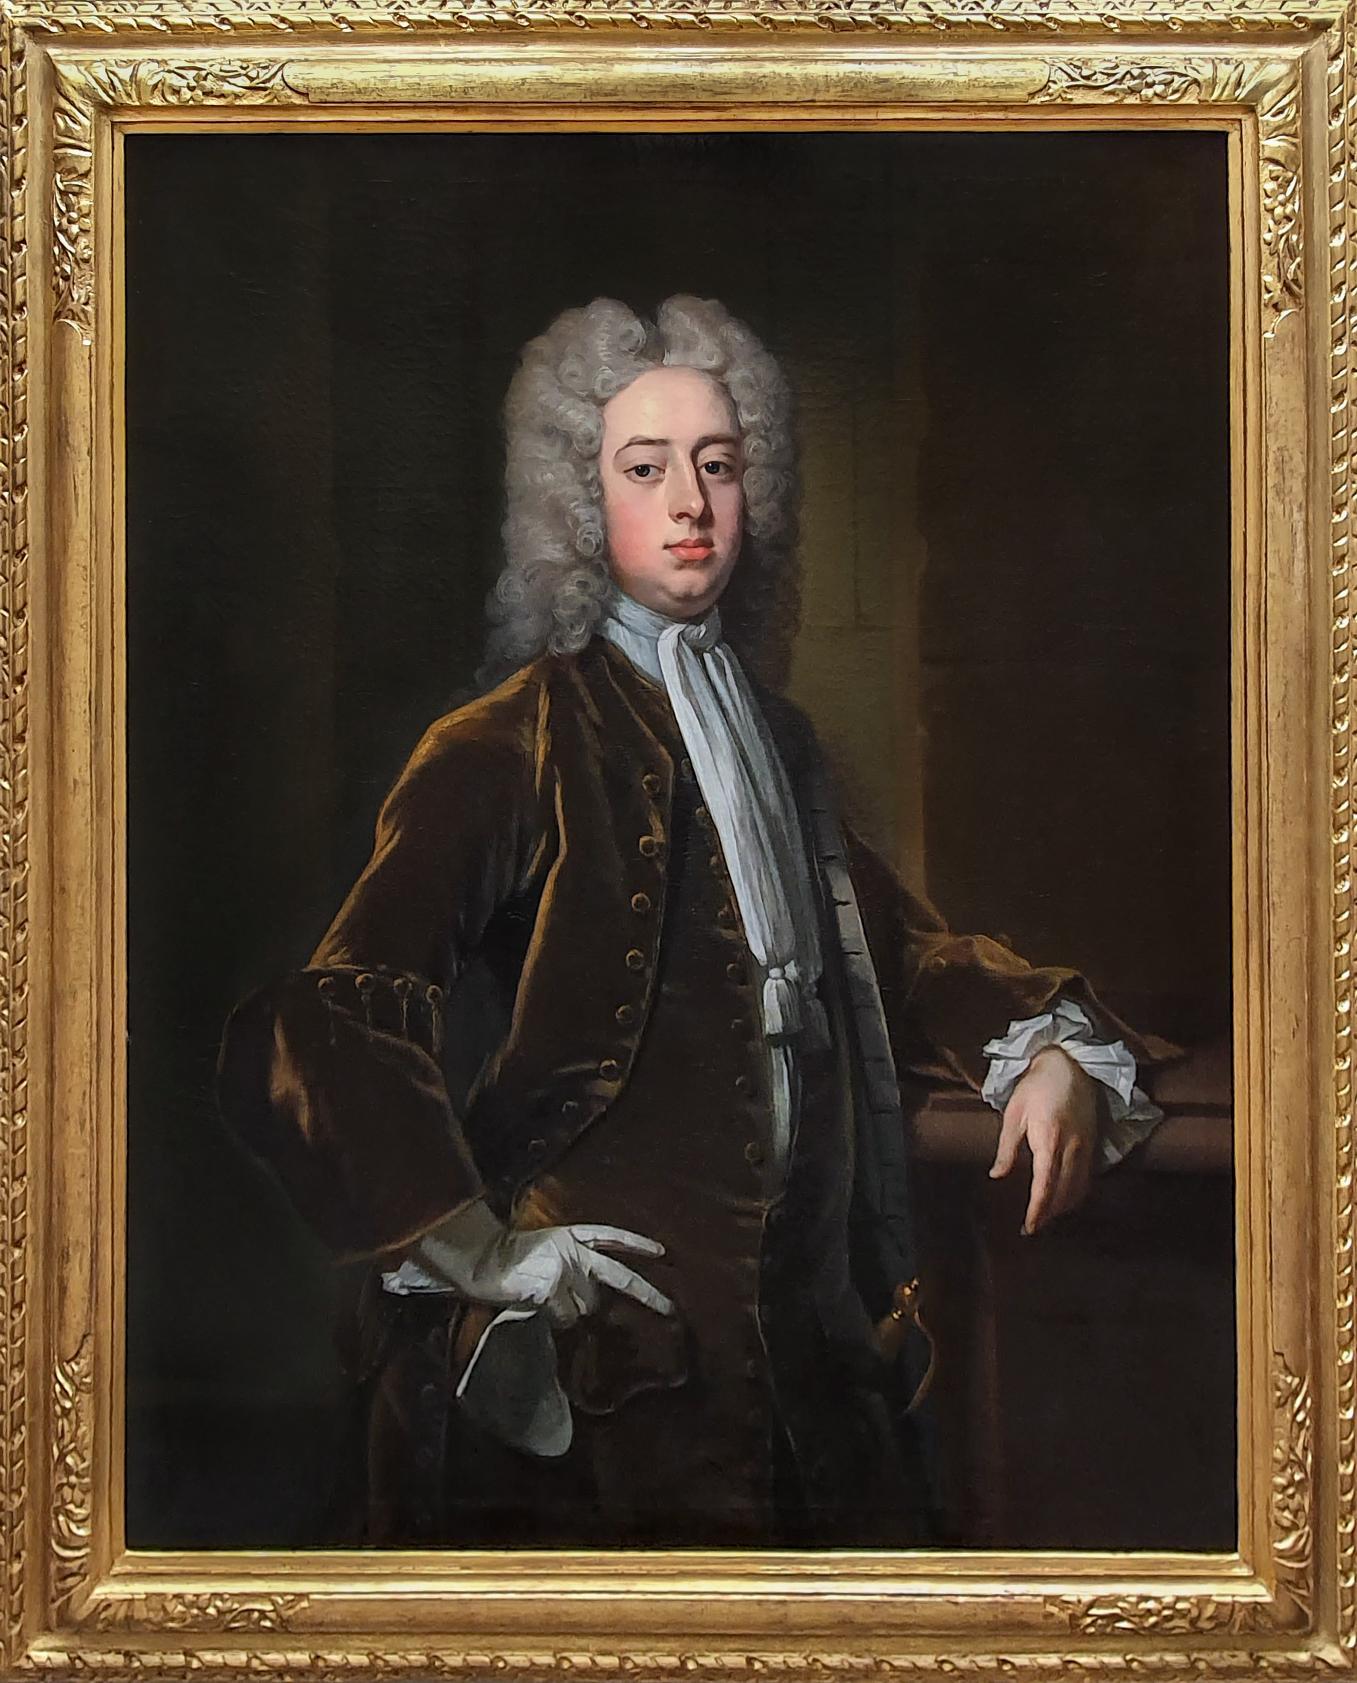 Portrait of a Gentleman Holding Gloves c.1723, Antique Oil Painting MICHAEL DAHL